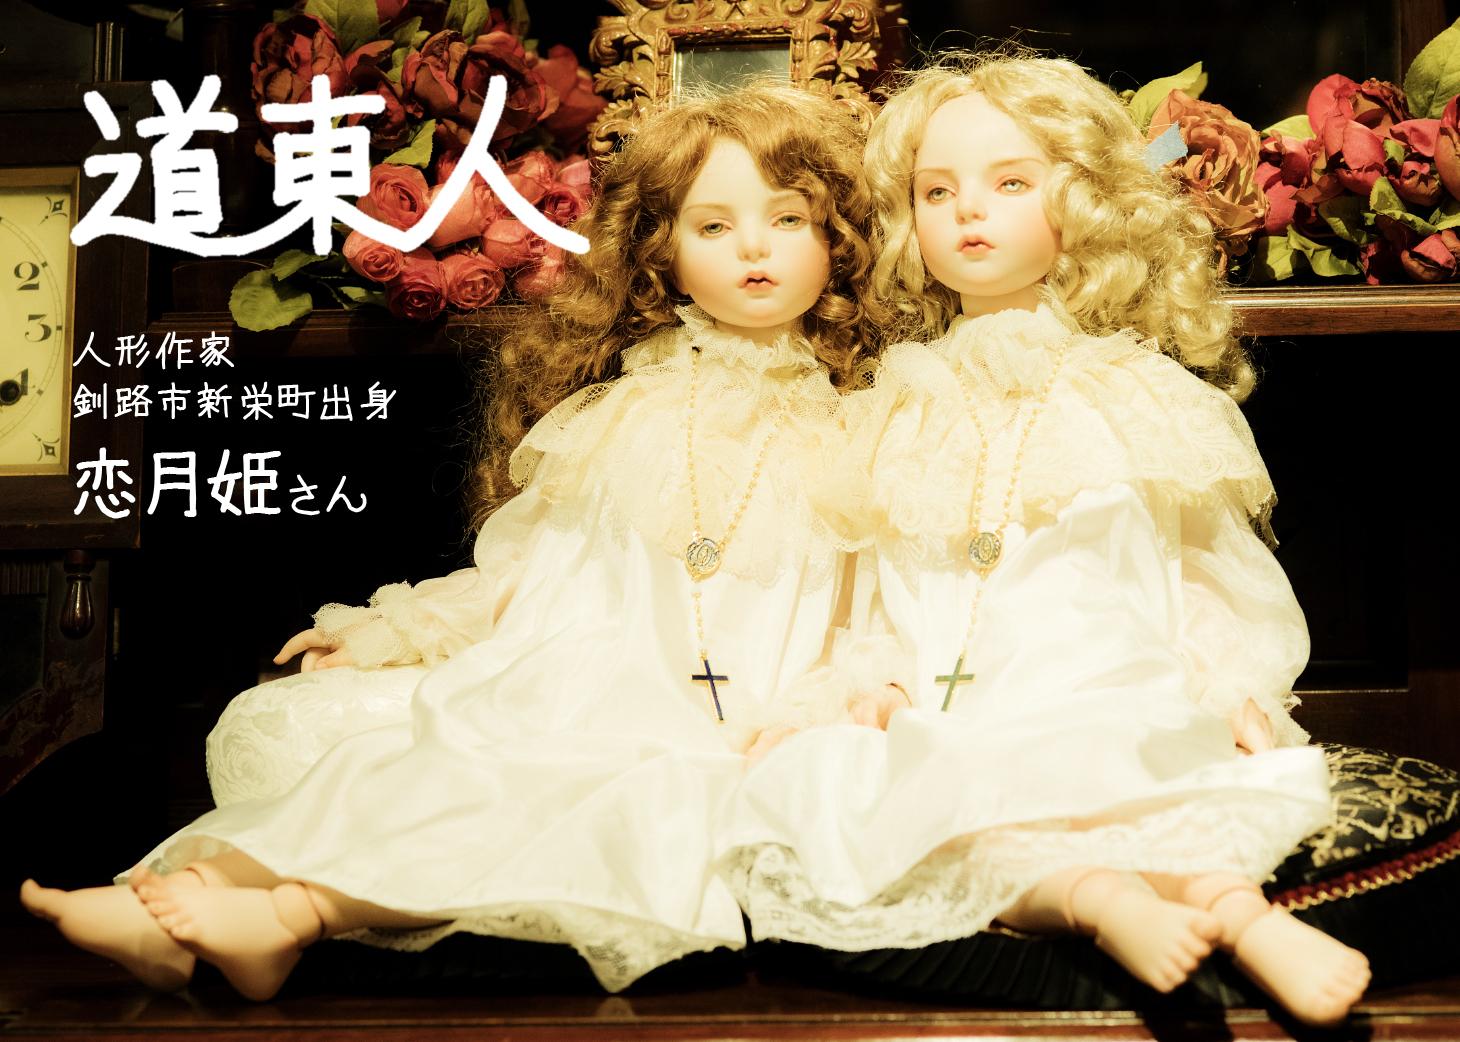 28歳で上京、人形作家として活躍している新栄町出身の恋月姫さんの話 ...